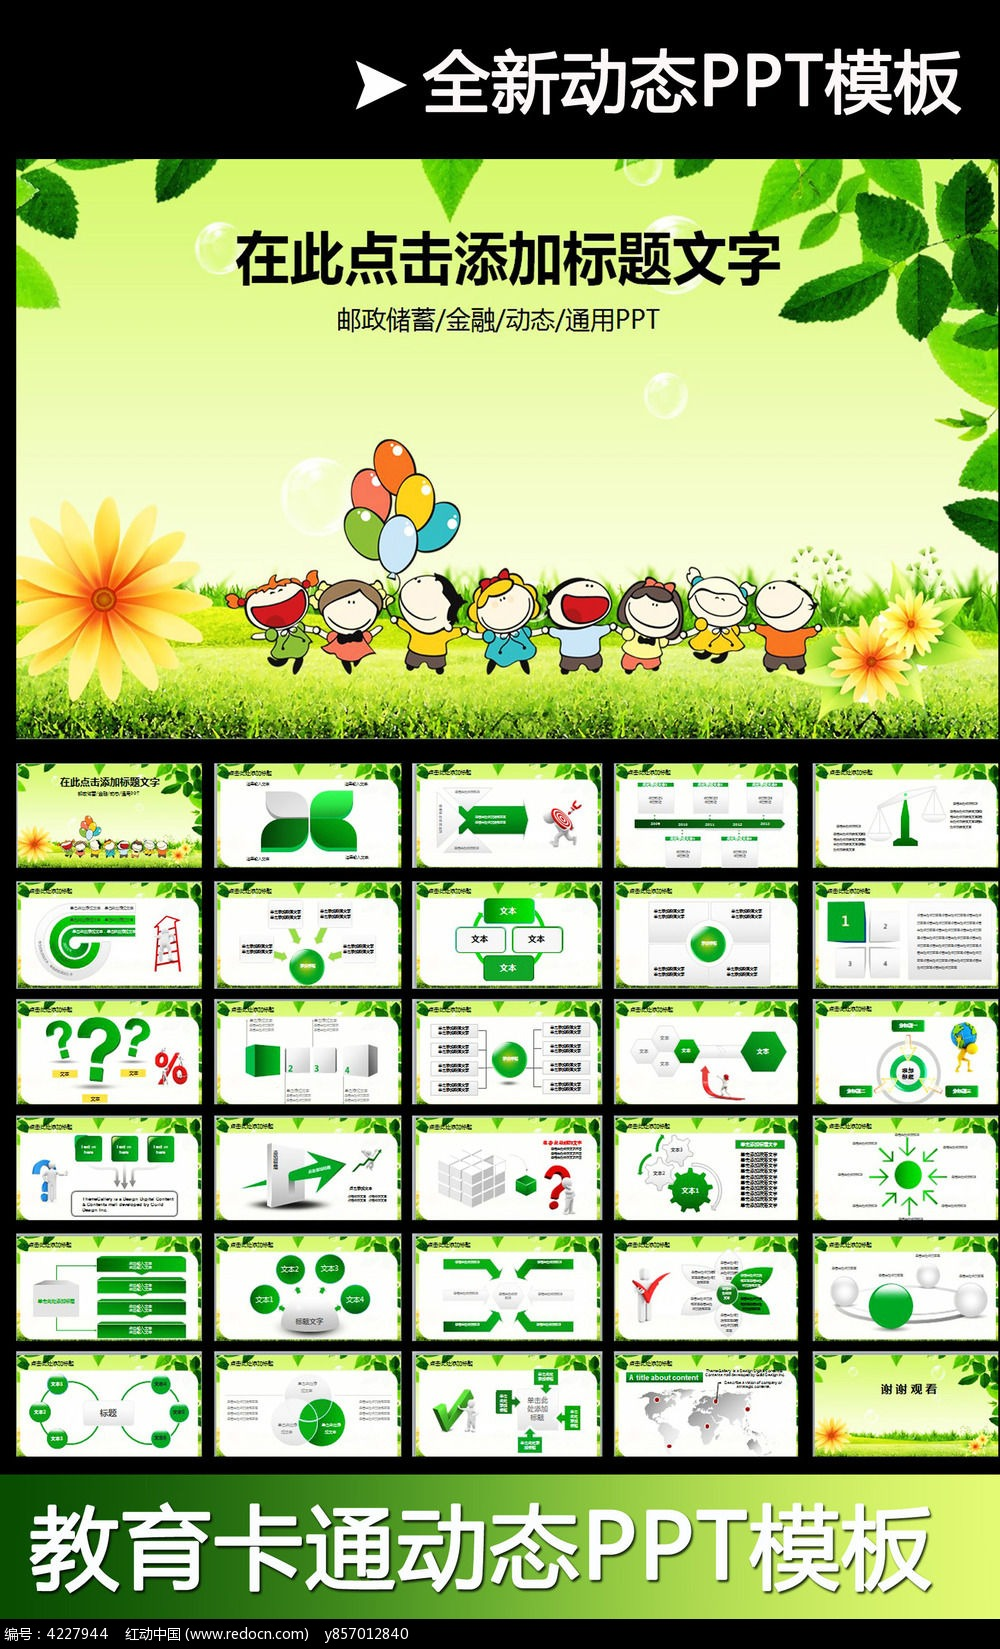 卡通幼儿园教育教学课件动态ppt模板